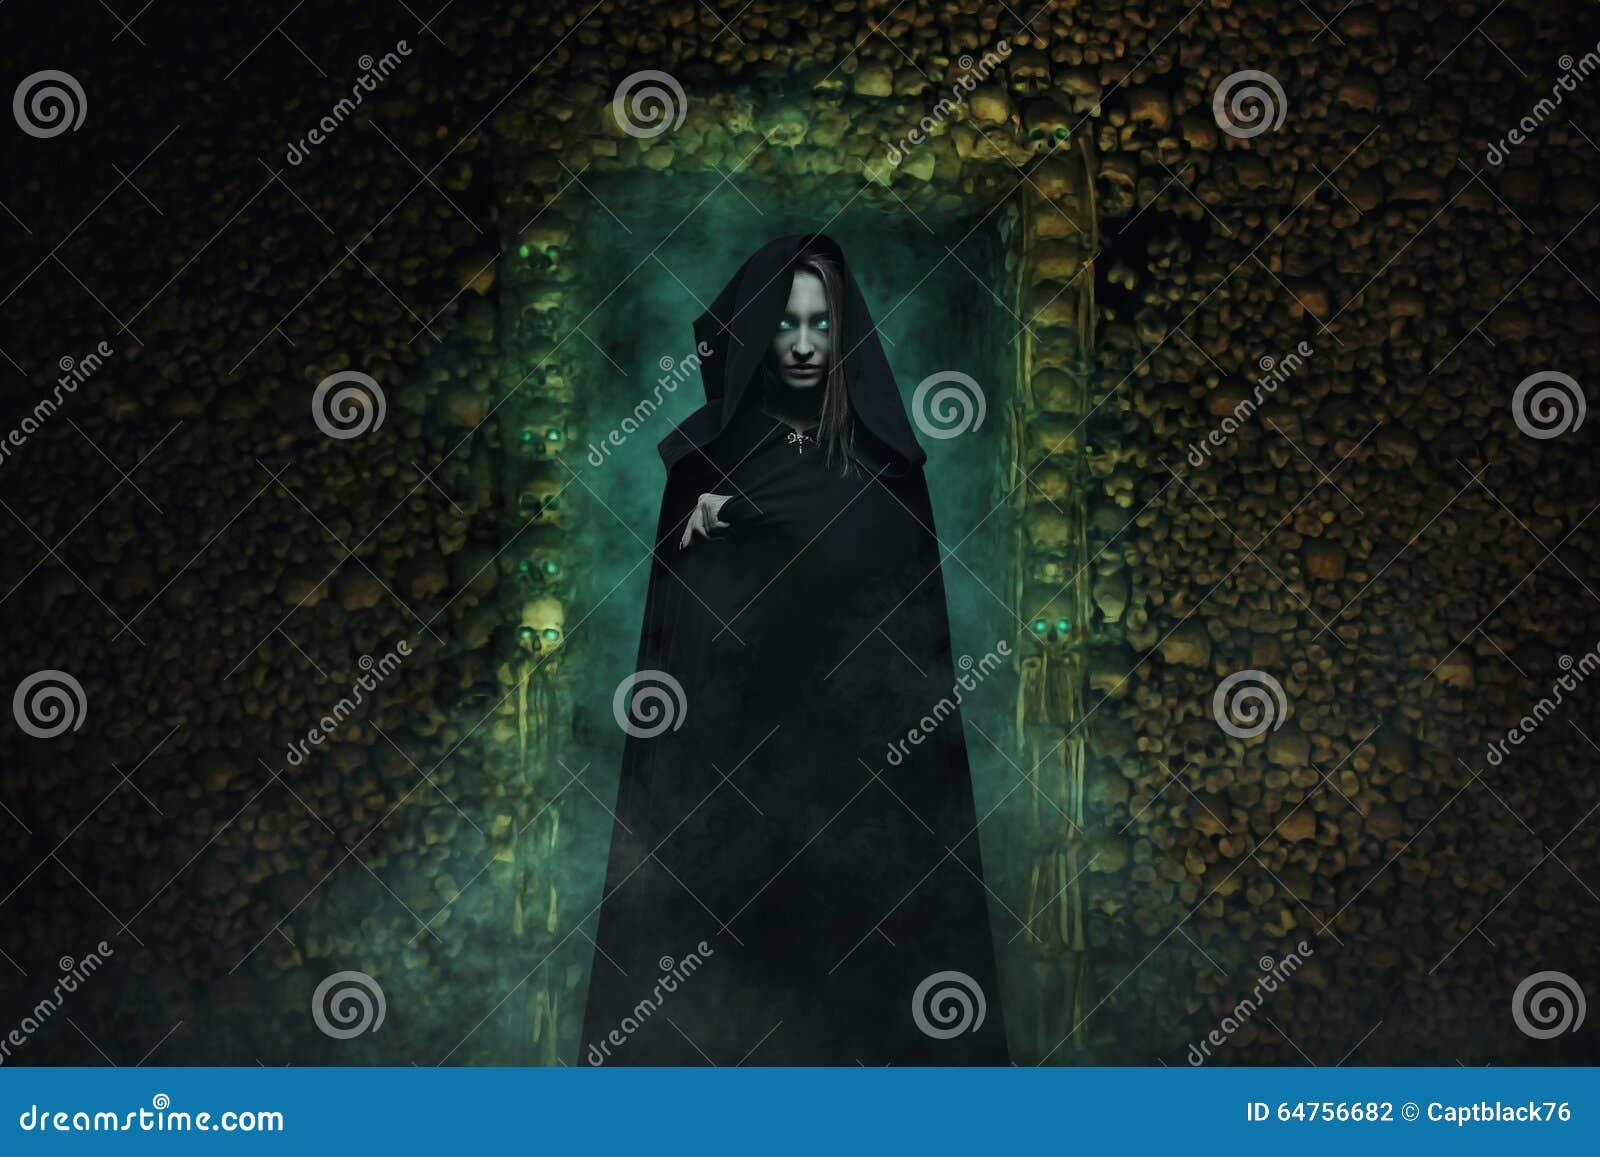 Dangerous vampire in catacombs